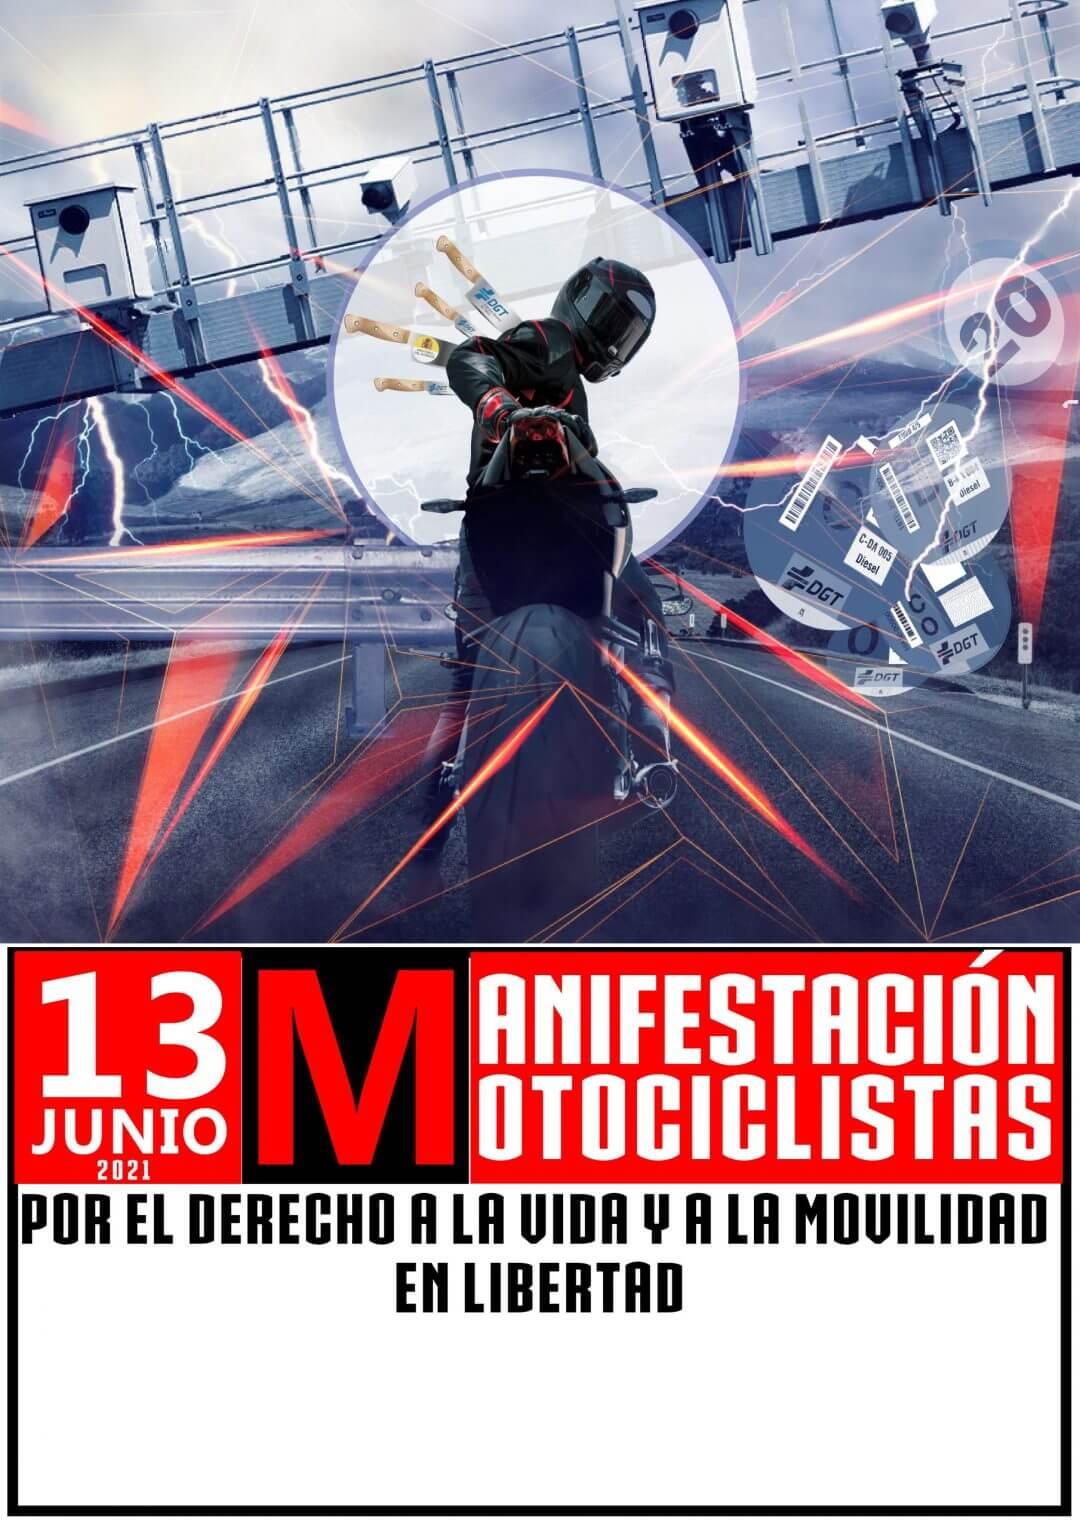 Cartel Manifestación Motociclistas España por el derecho a la vida y a la movilidad en libertad 13 Junio 2021